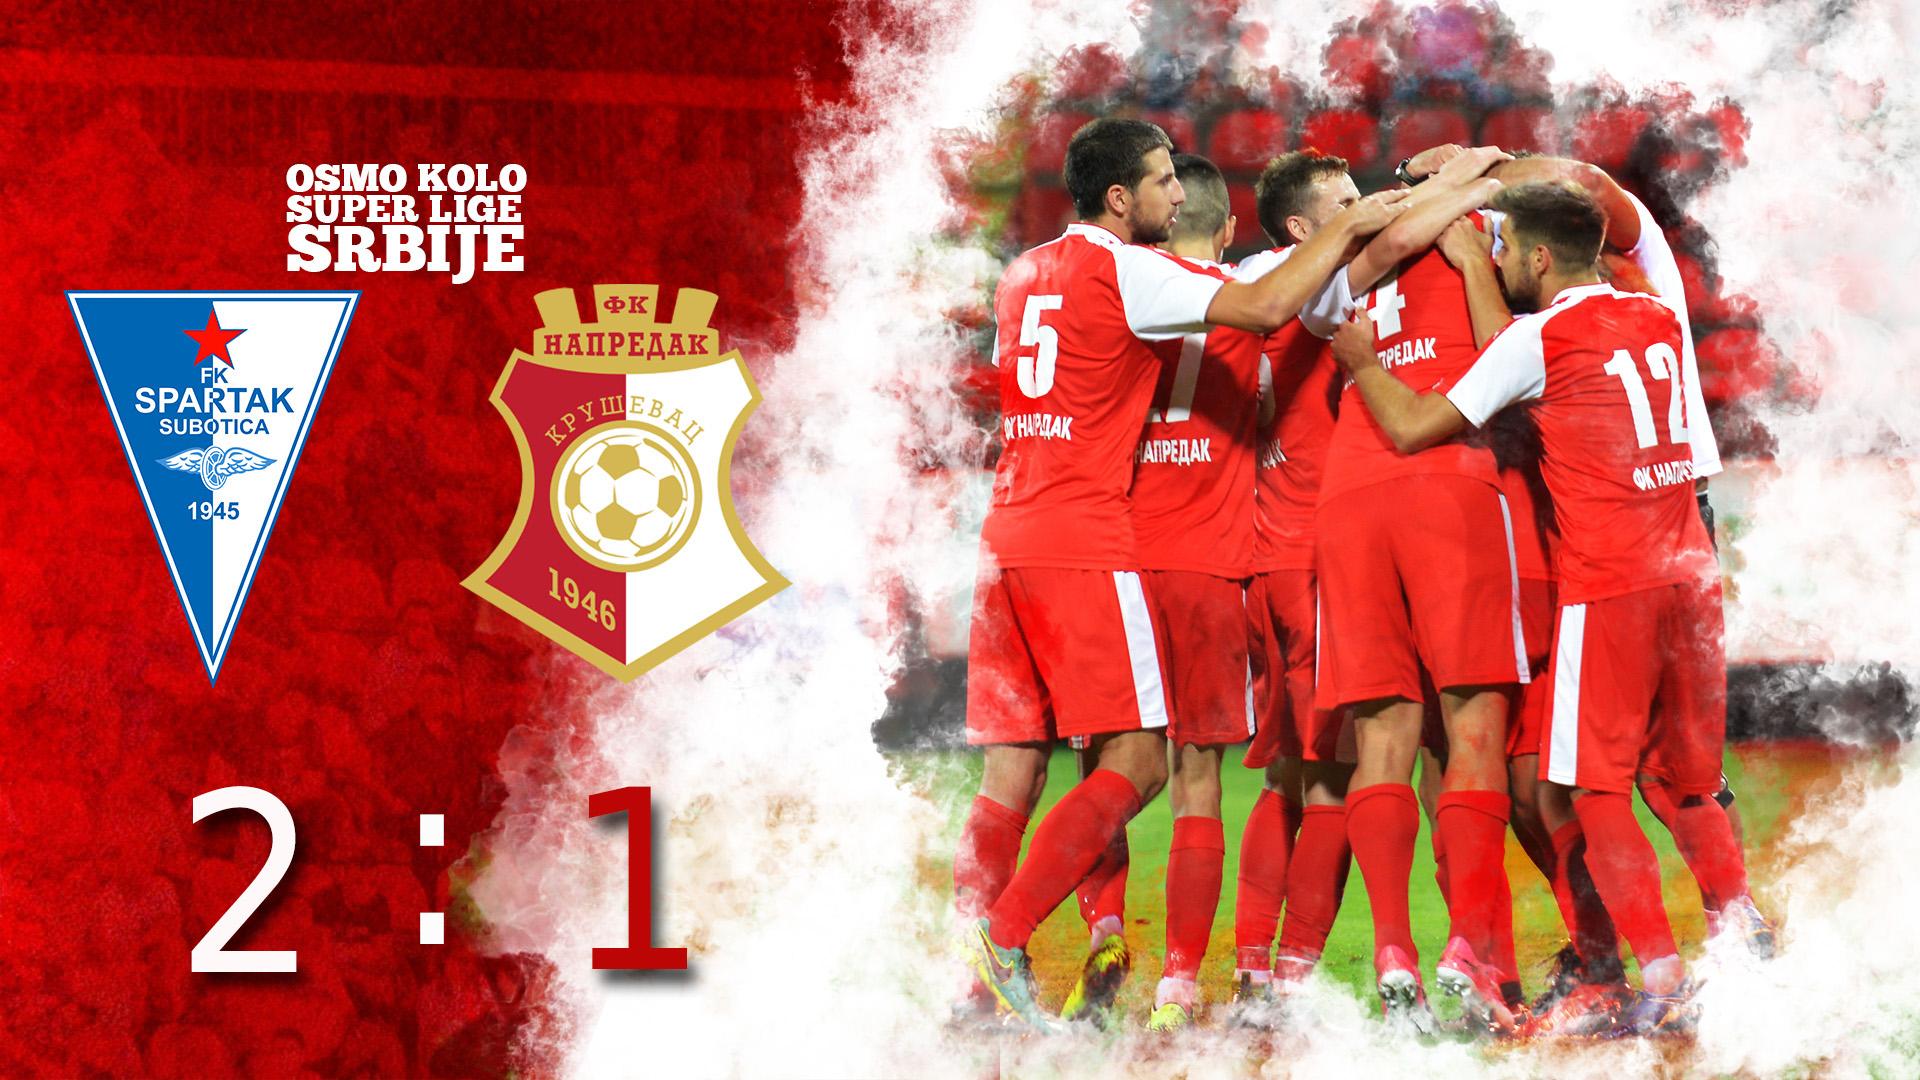 Spartak F.C - Napredak F.C 2:1